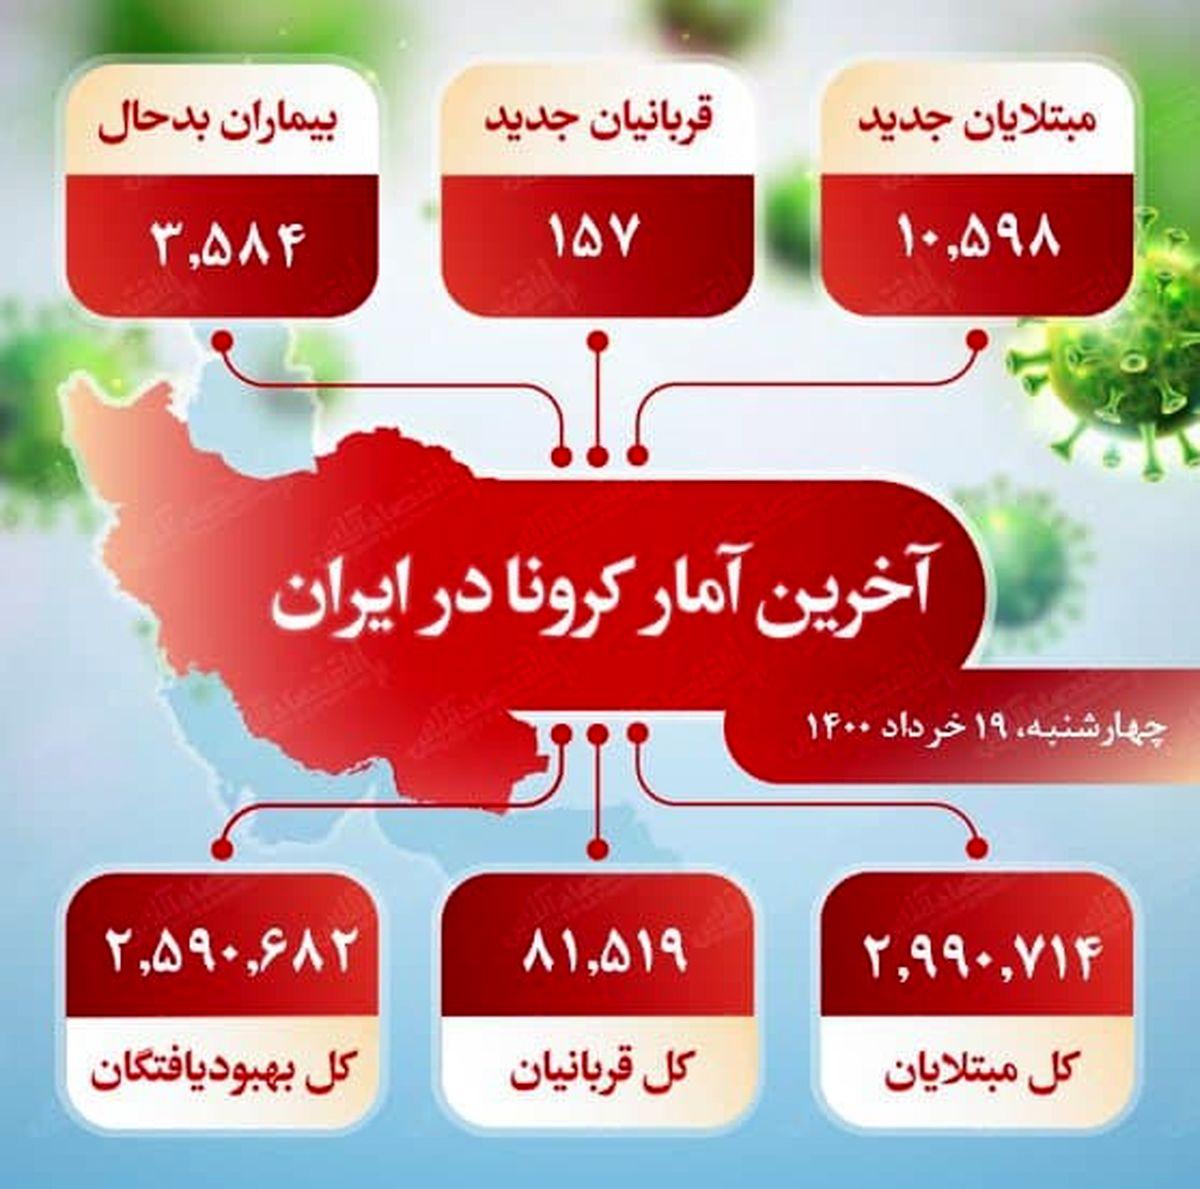 آخرین آمار کرونا در ایران (۱۴۰۰/۳/۱۹)